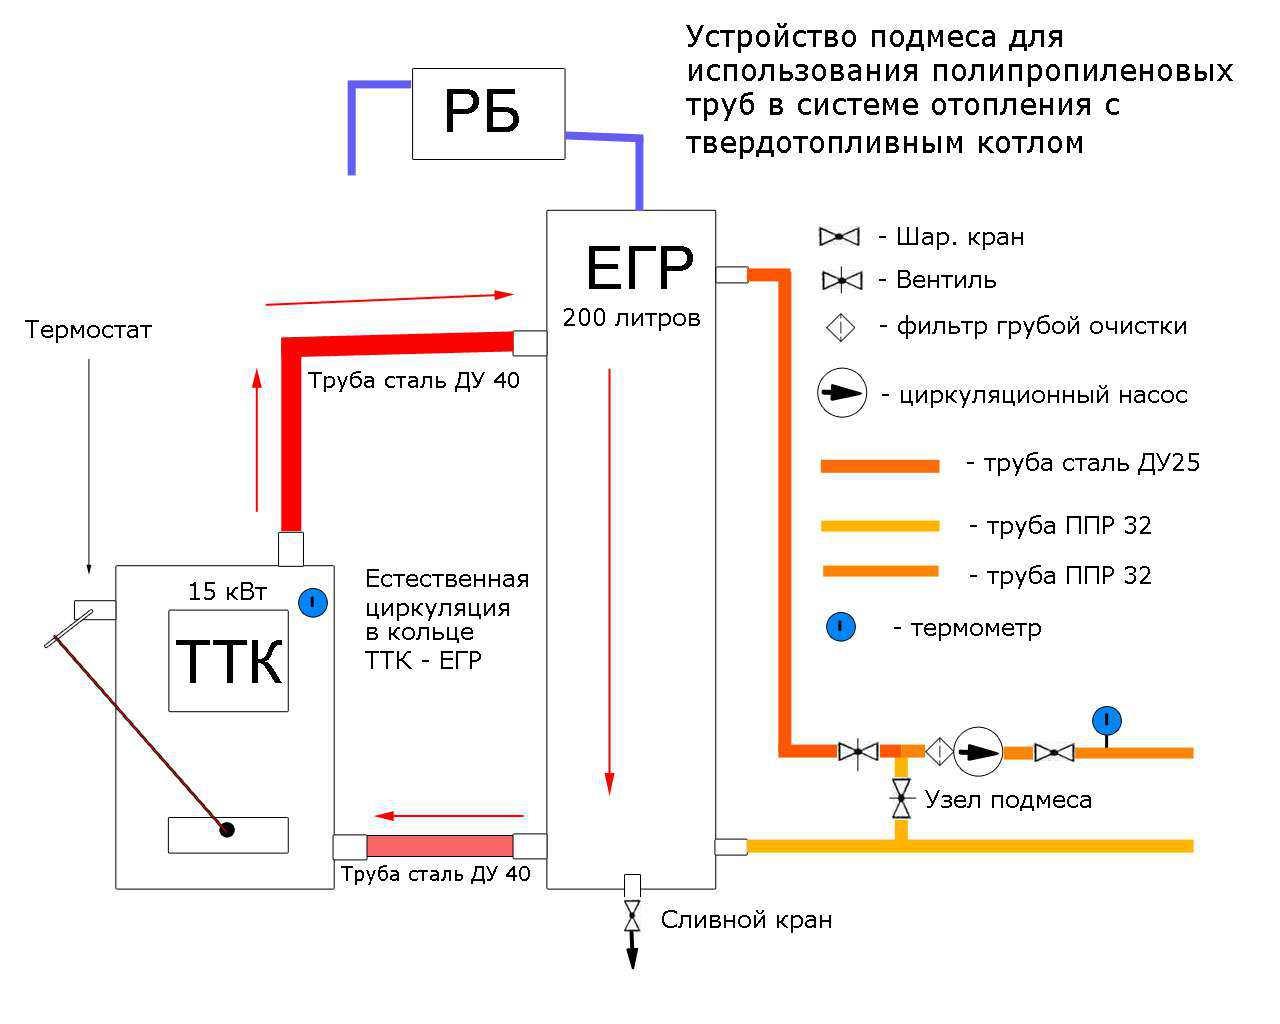 Схема узла подмеса для отопления